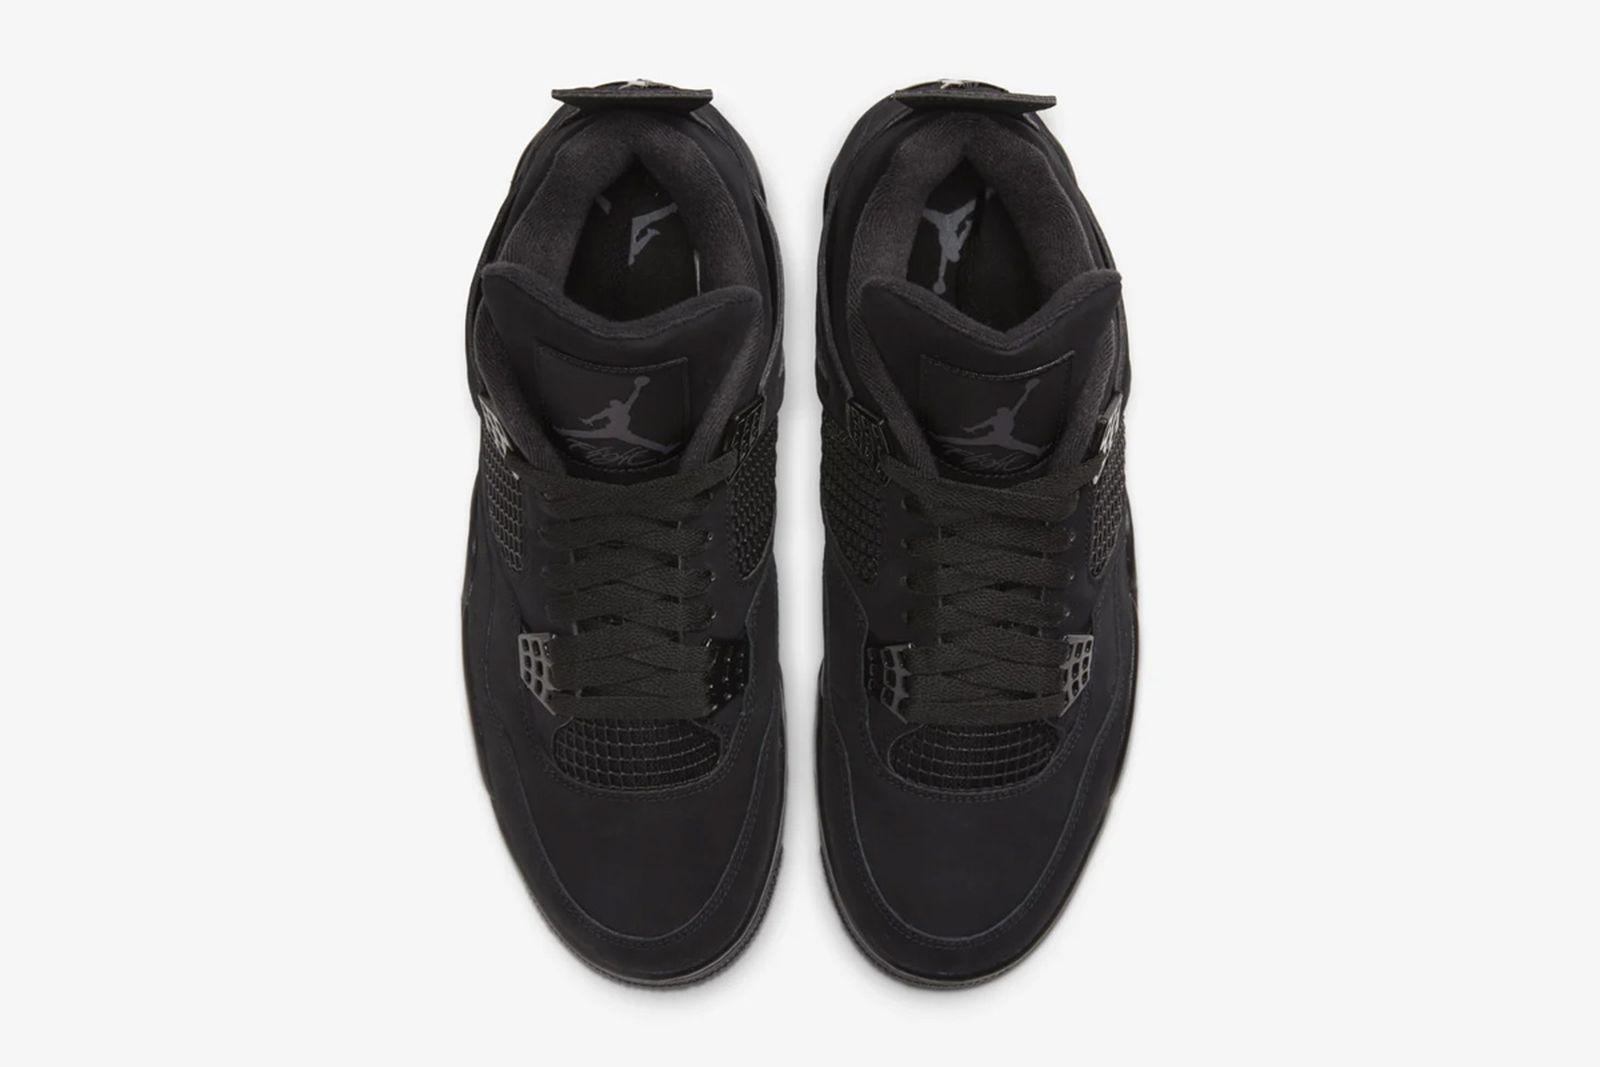 nike-air-jordan-4-black-cat-release-date-price-official-05